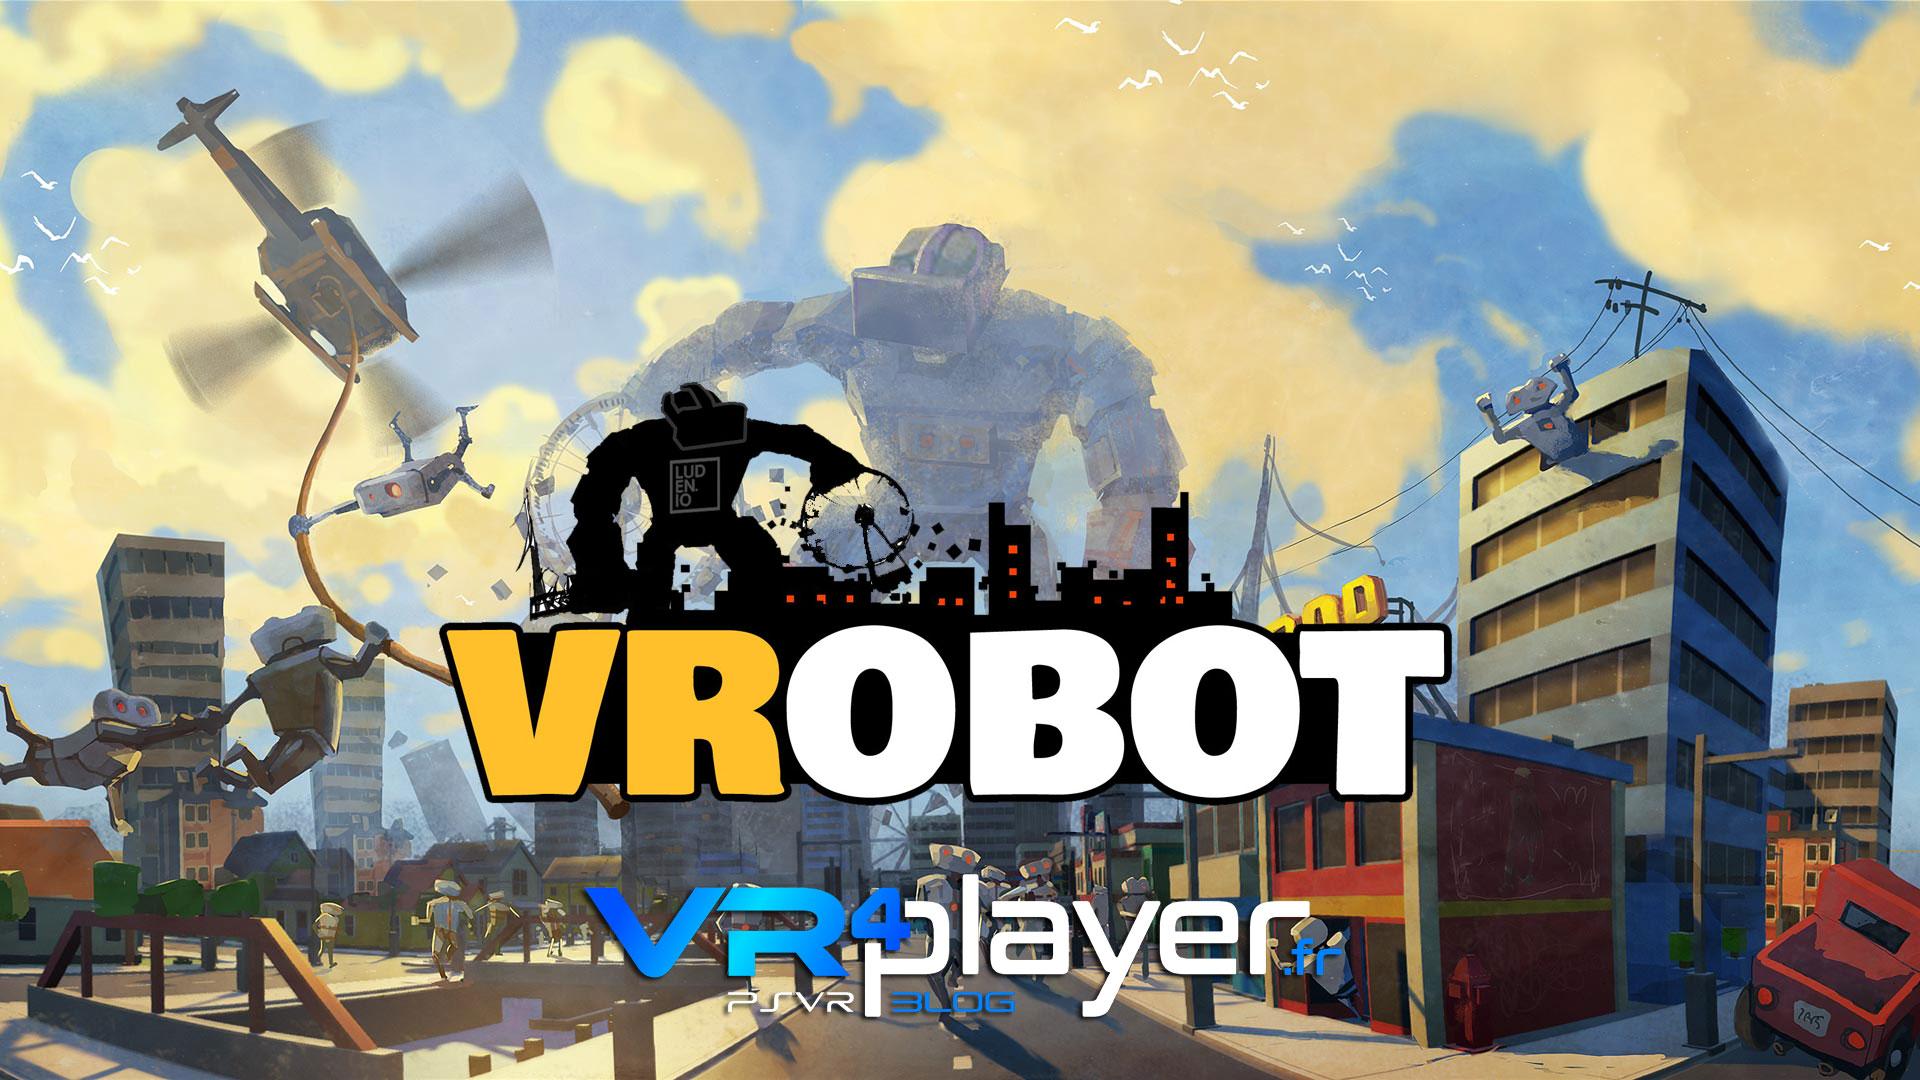 VRobot disponible aujourd'hui sur PSVR vr4player.fr